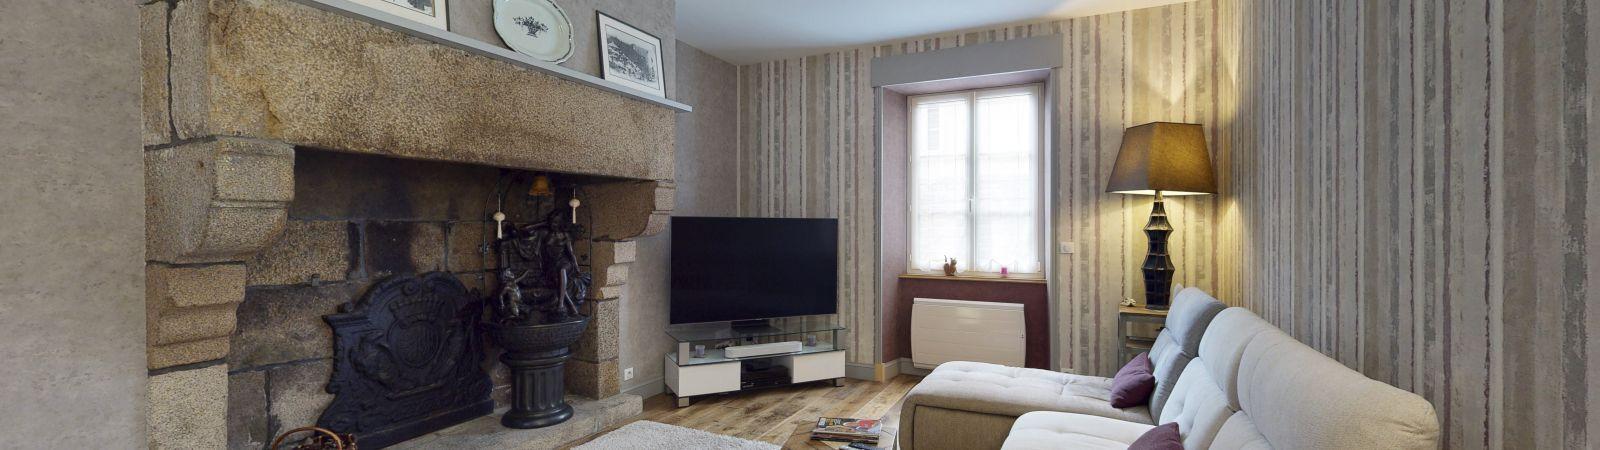 photo 5: Appartement d'exception au coeur de Saint-Servan